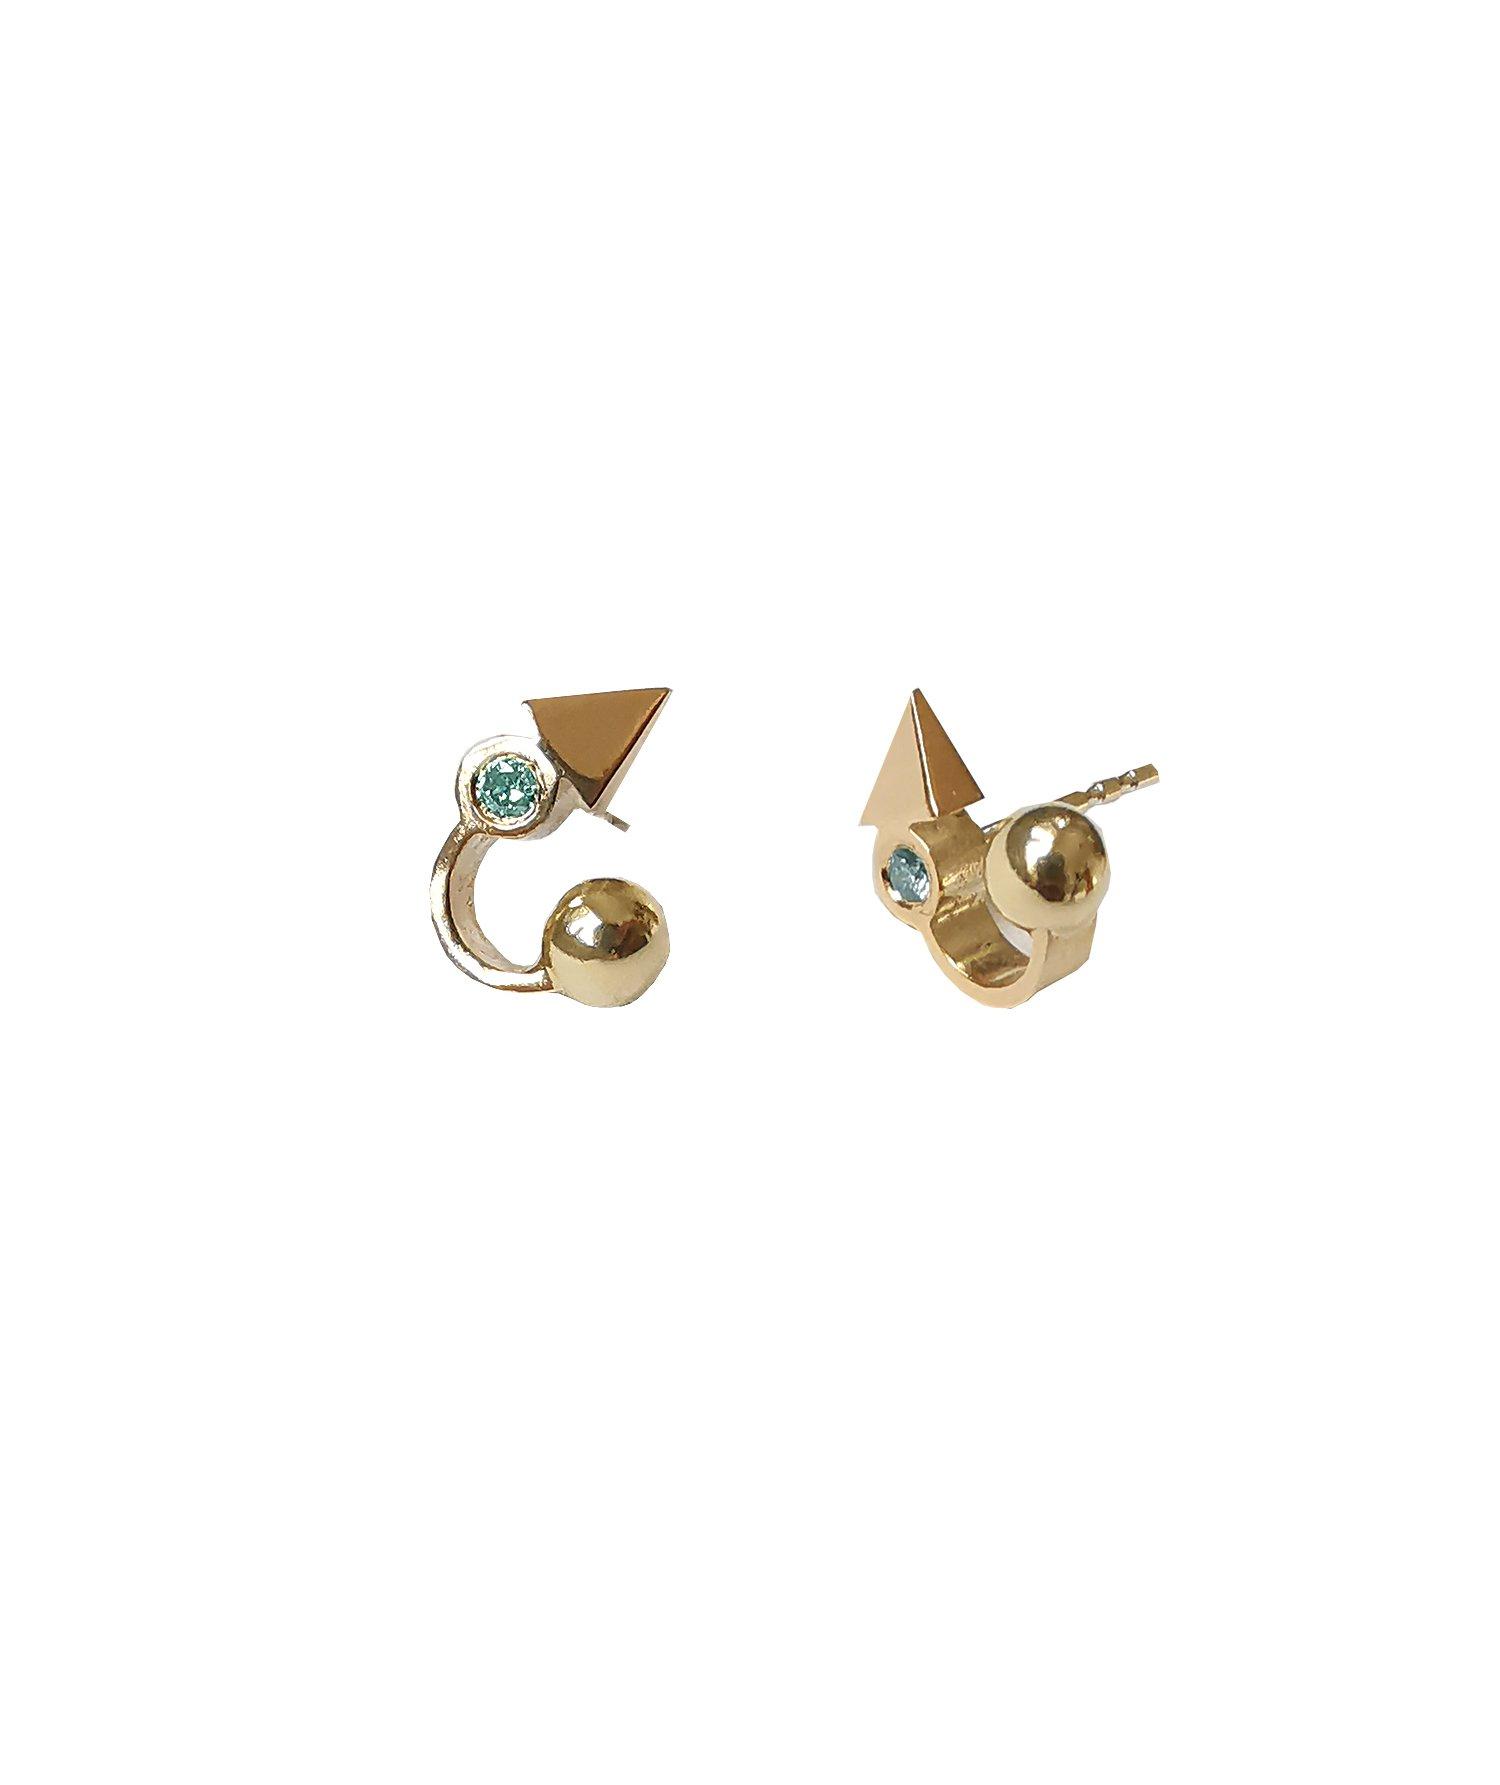 Image of Microdot no3/ blue diamond